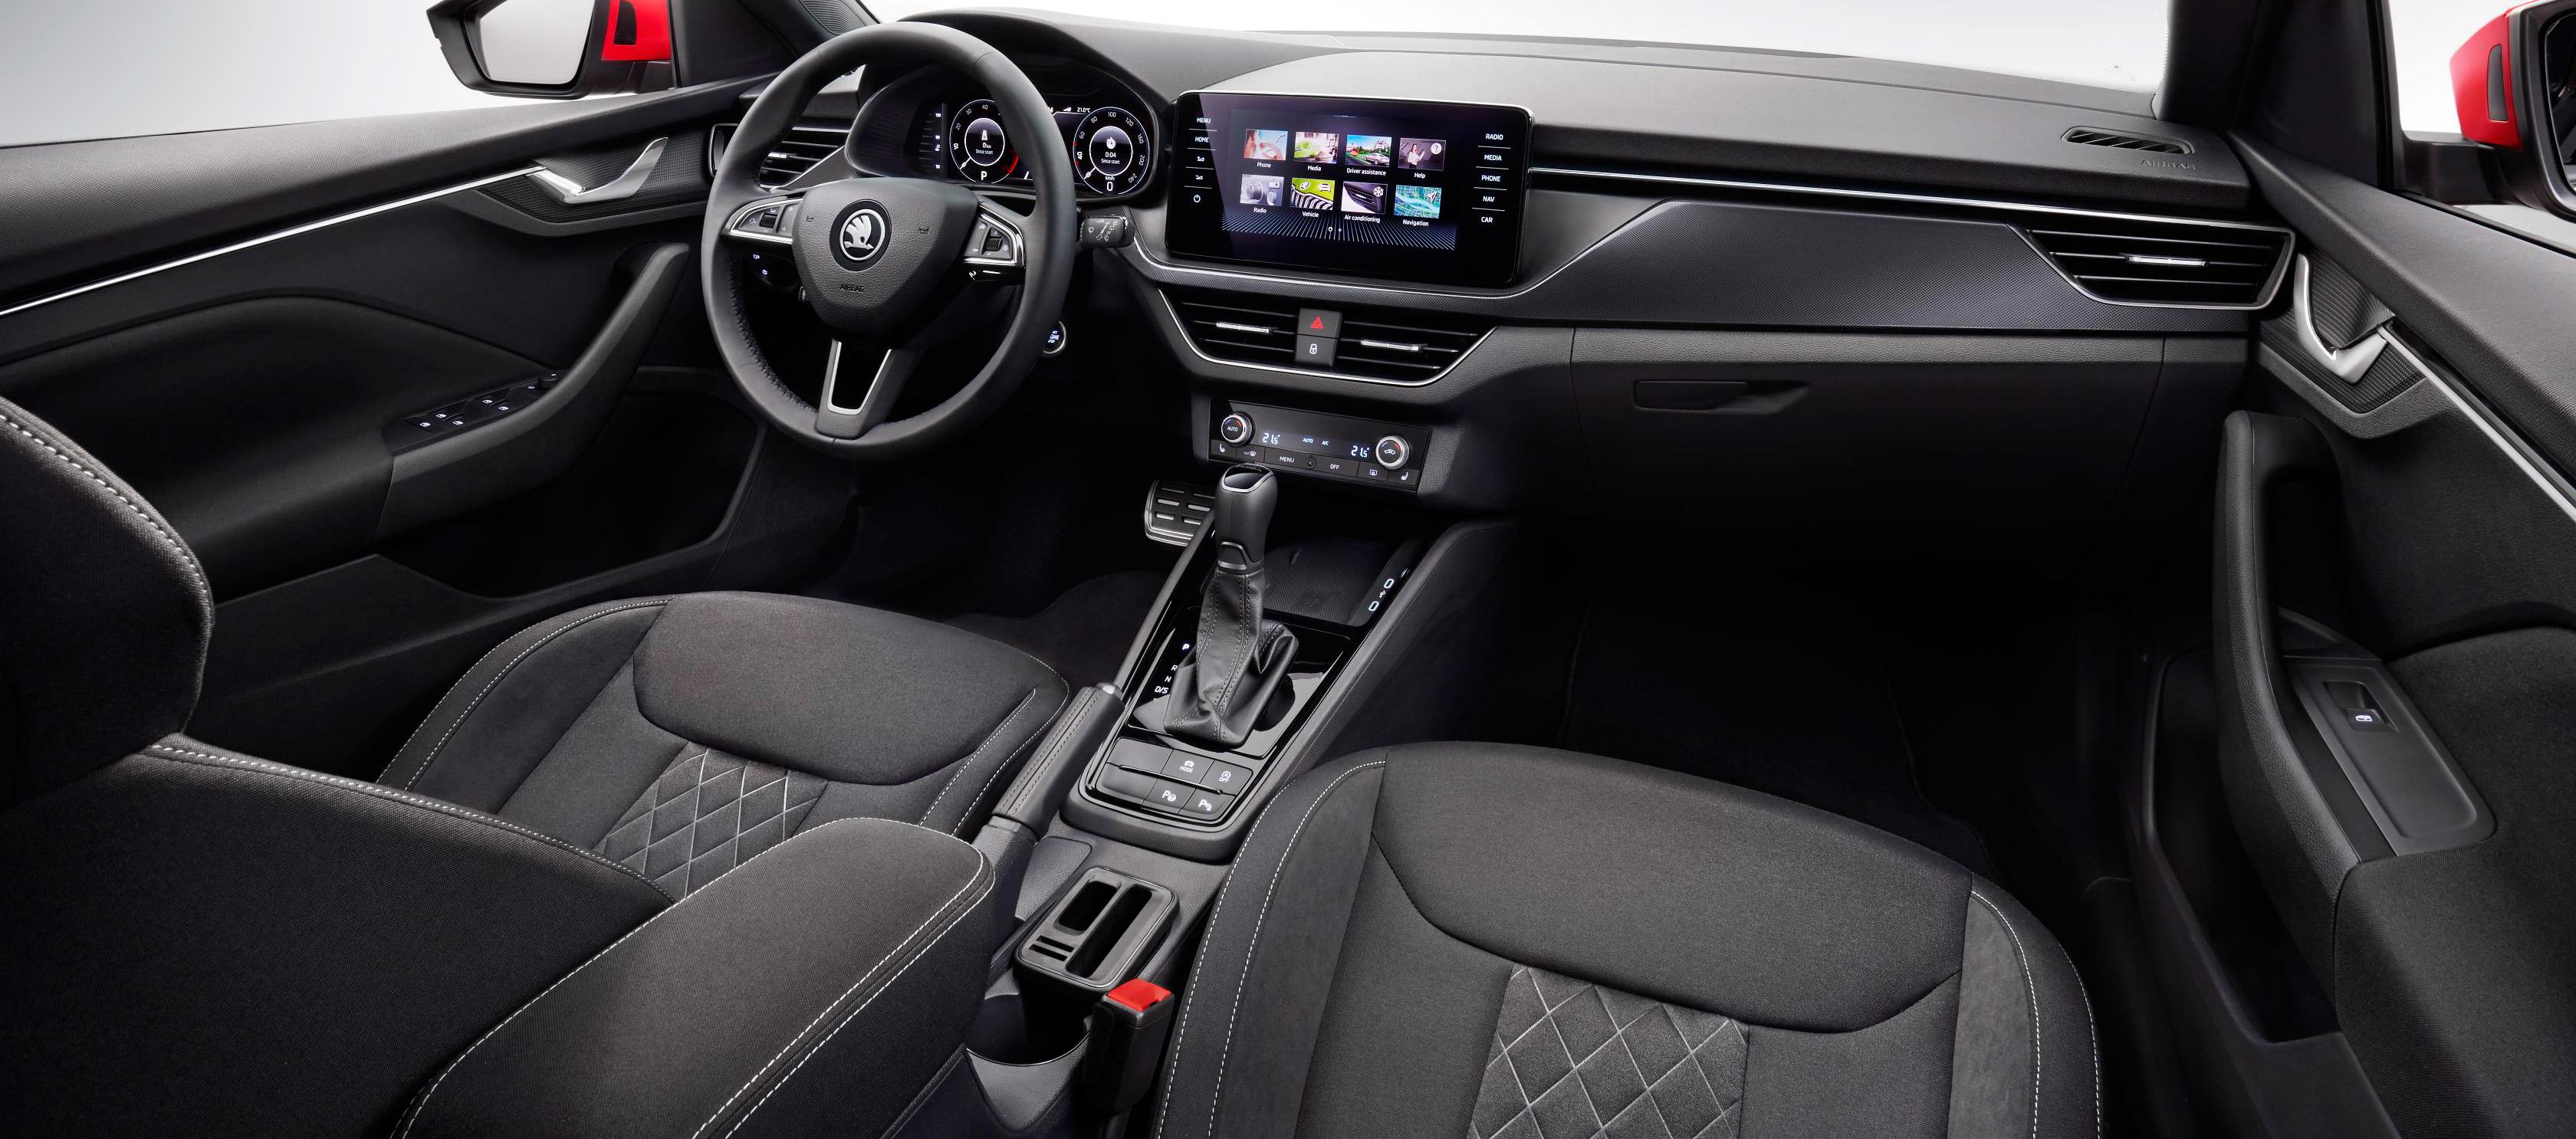 Škoda Kamiq, primeras imágenes y sensaciones del interior